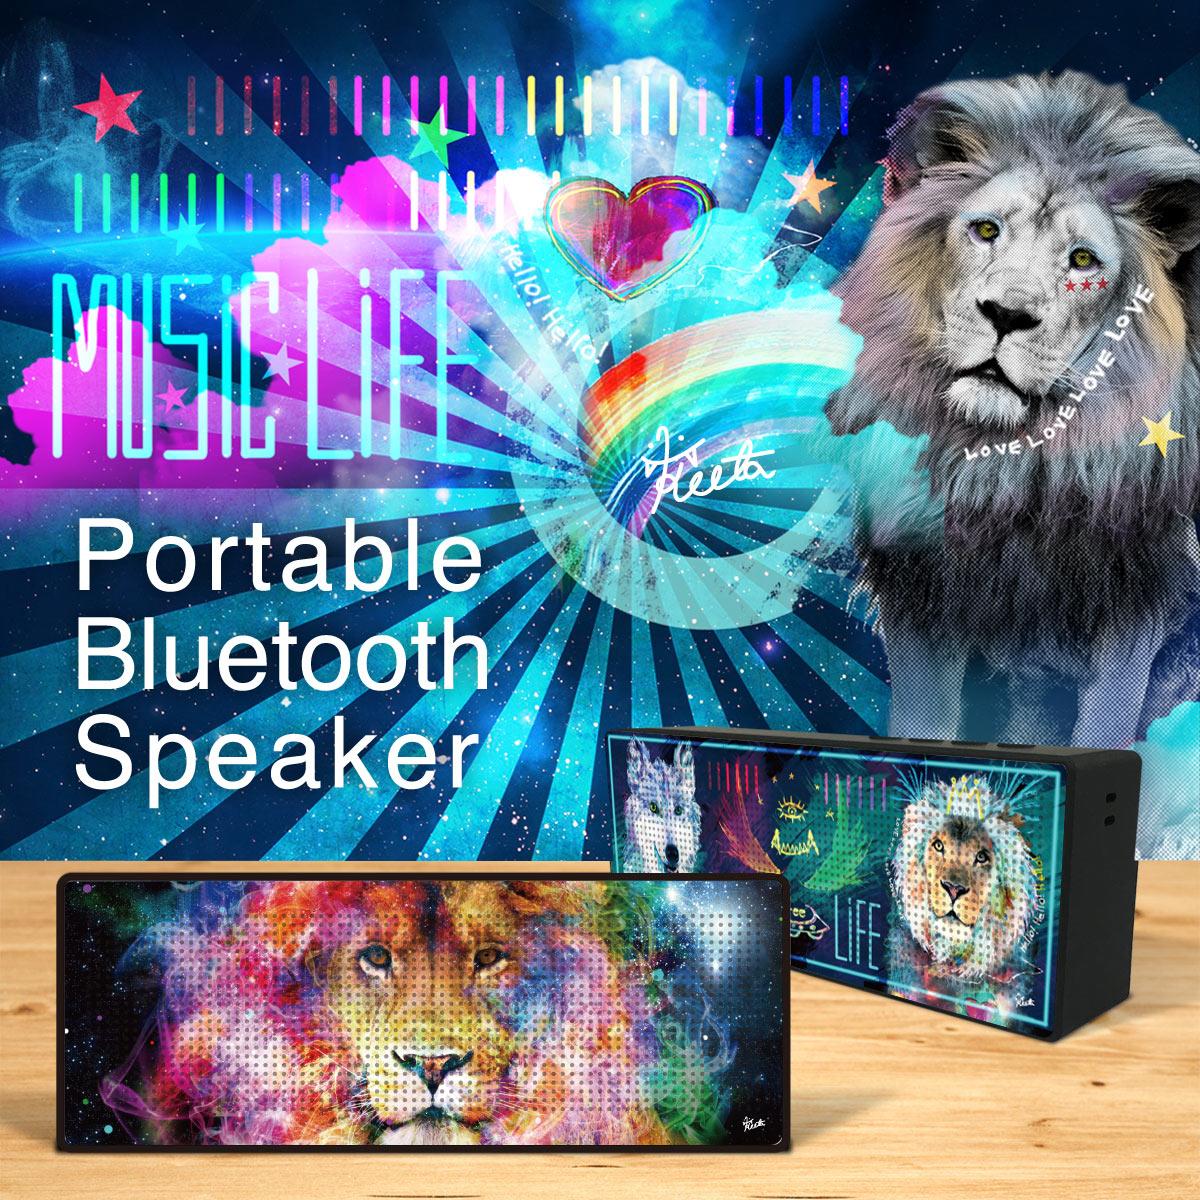 スピーカー Bluetooth 高音質 ブルートゥース スピーカー大音量 ワイヤレス スピーカー ポータブル iPhone Android keeta sp01-009